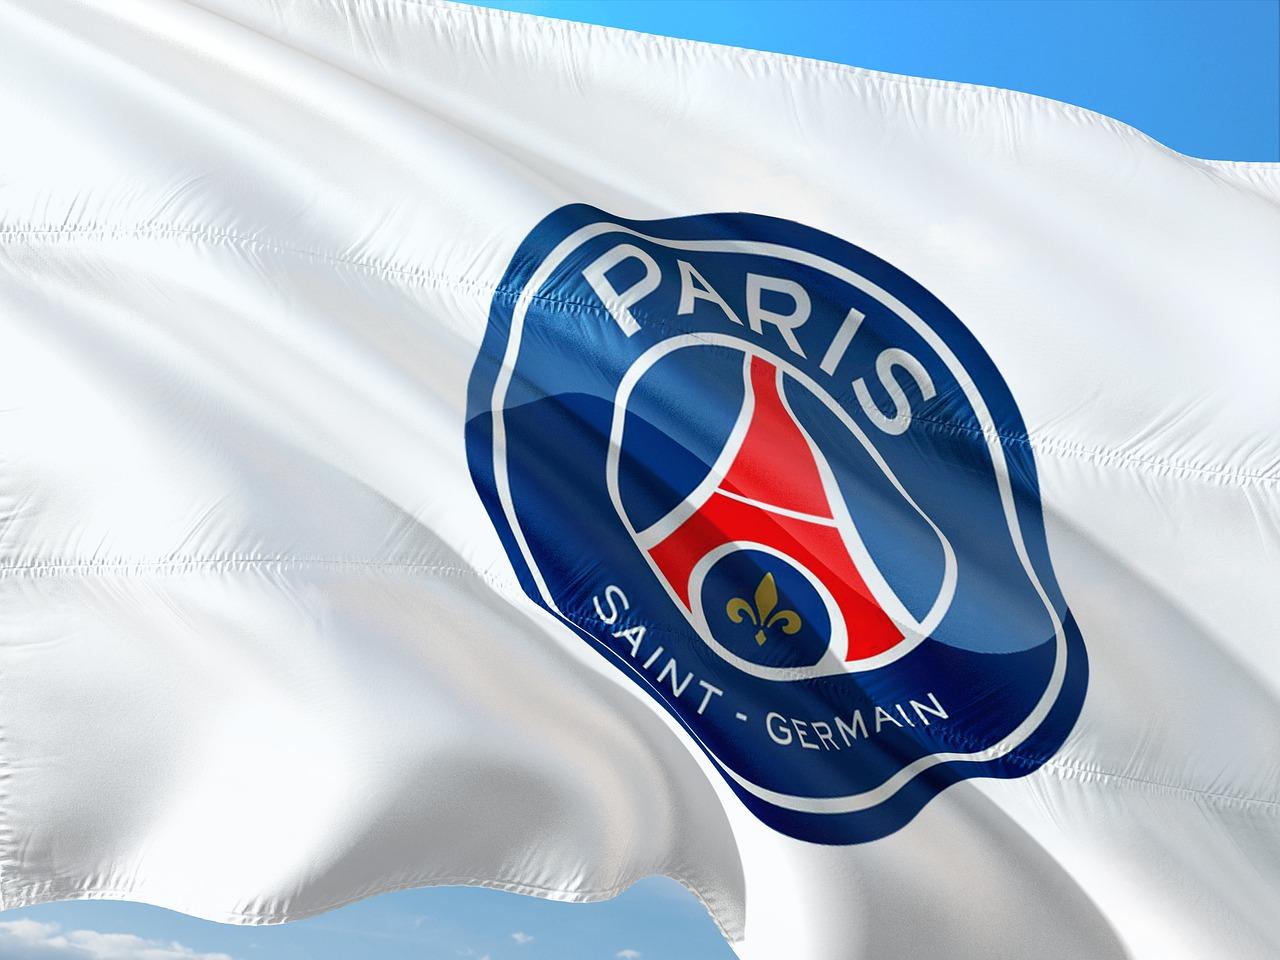 Le match du PSG se dévoile